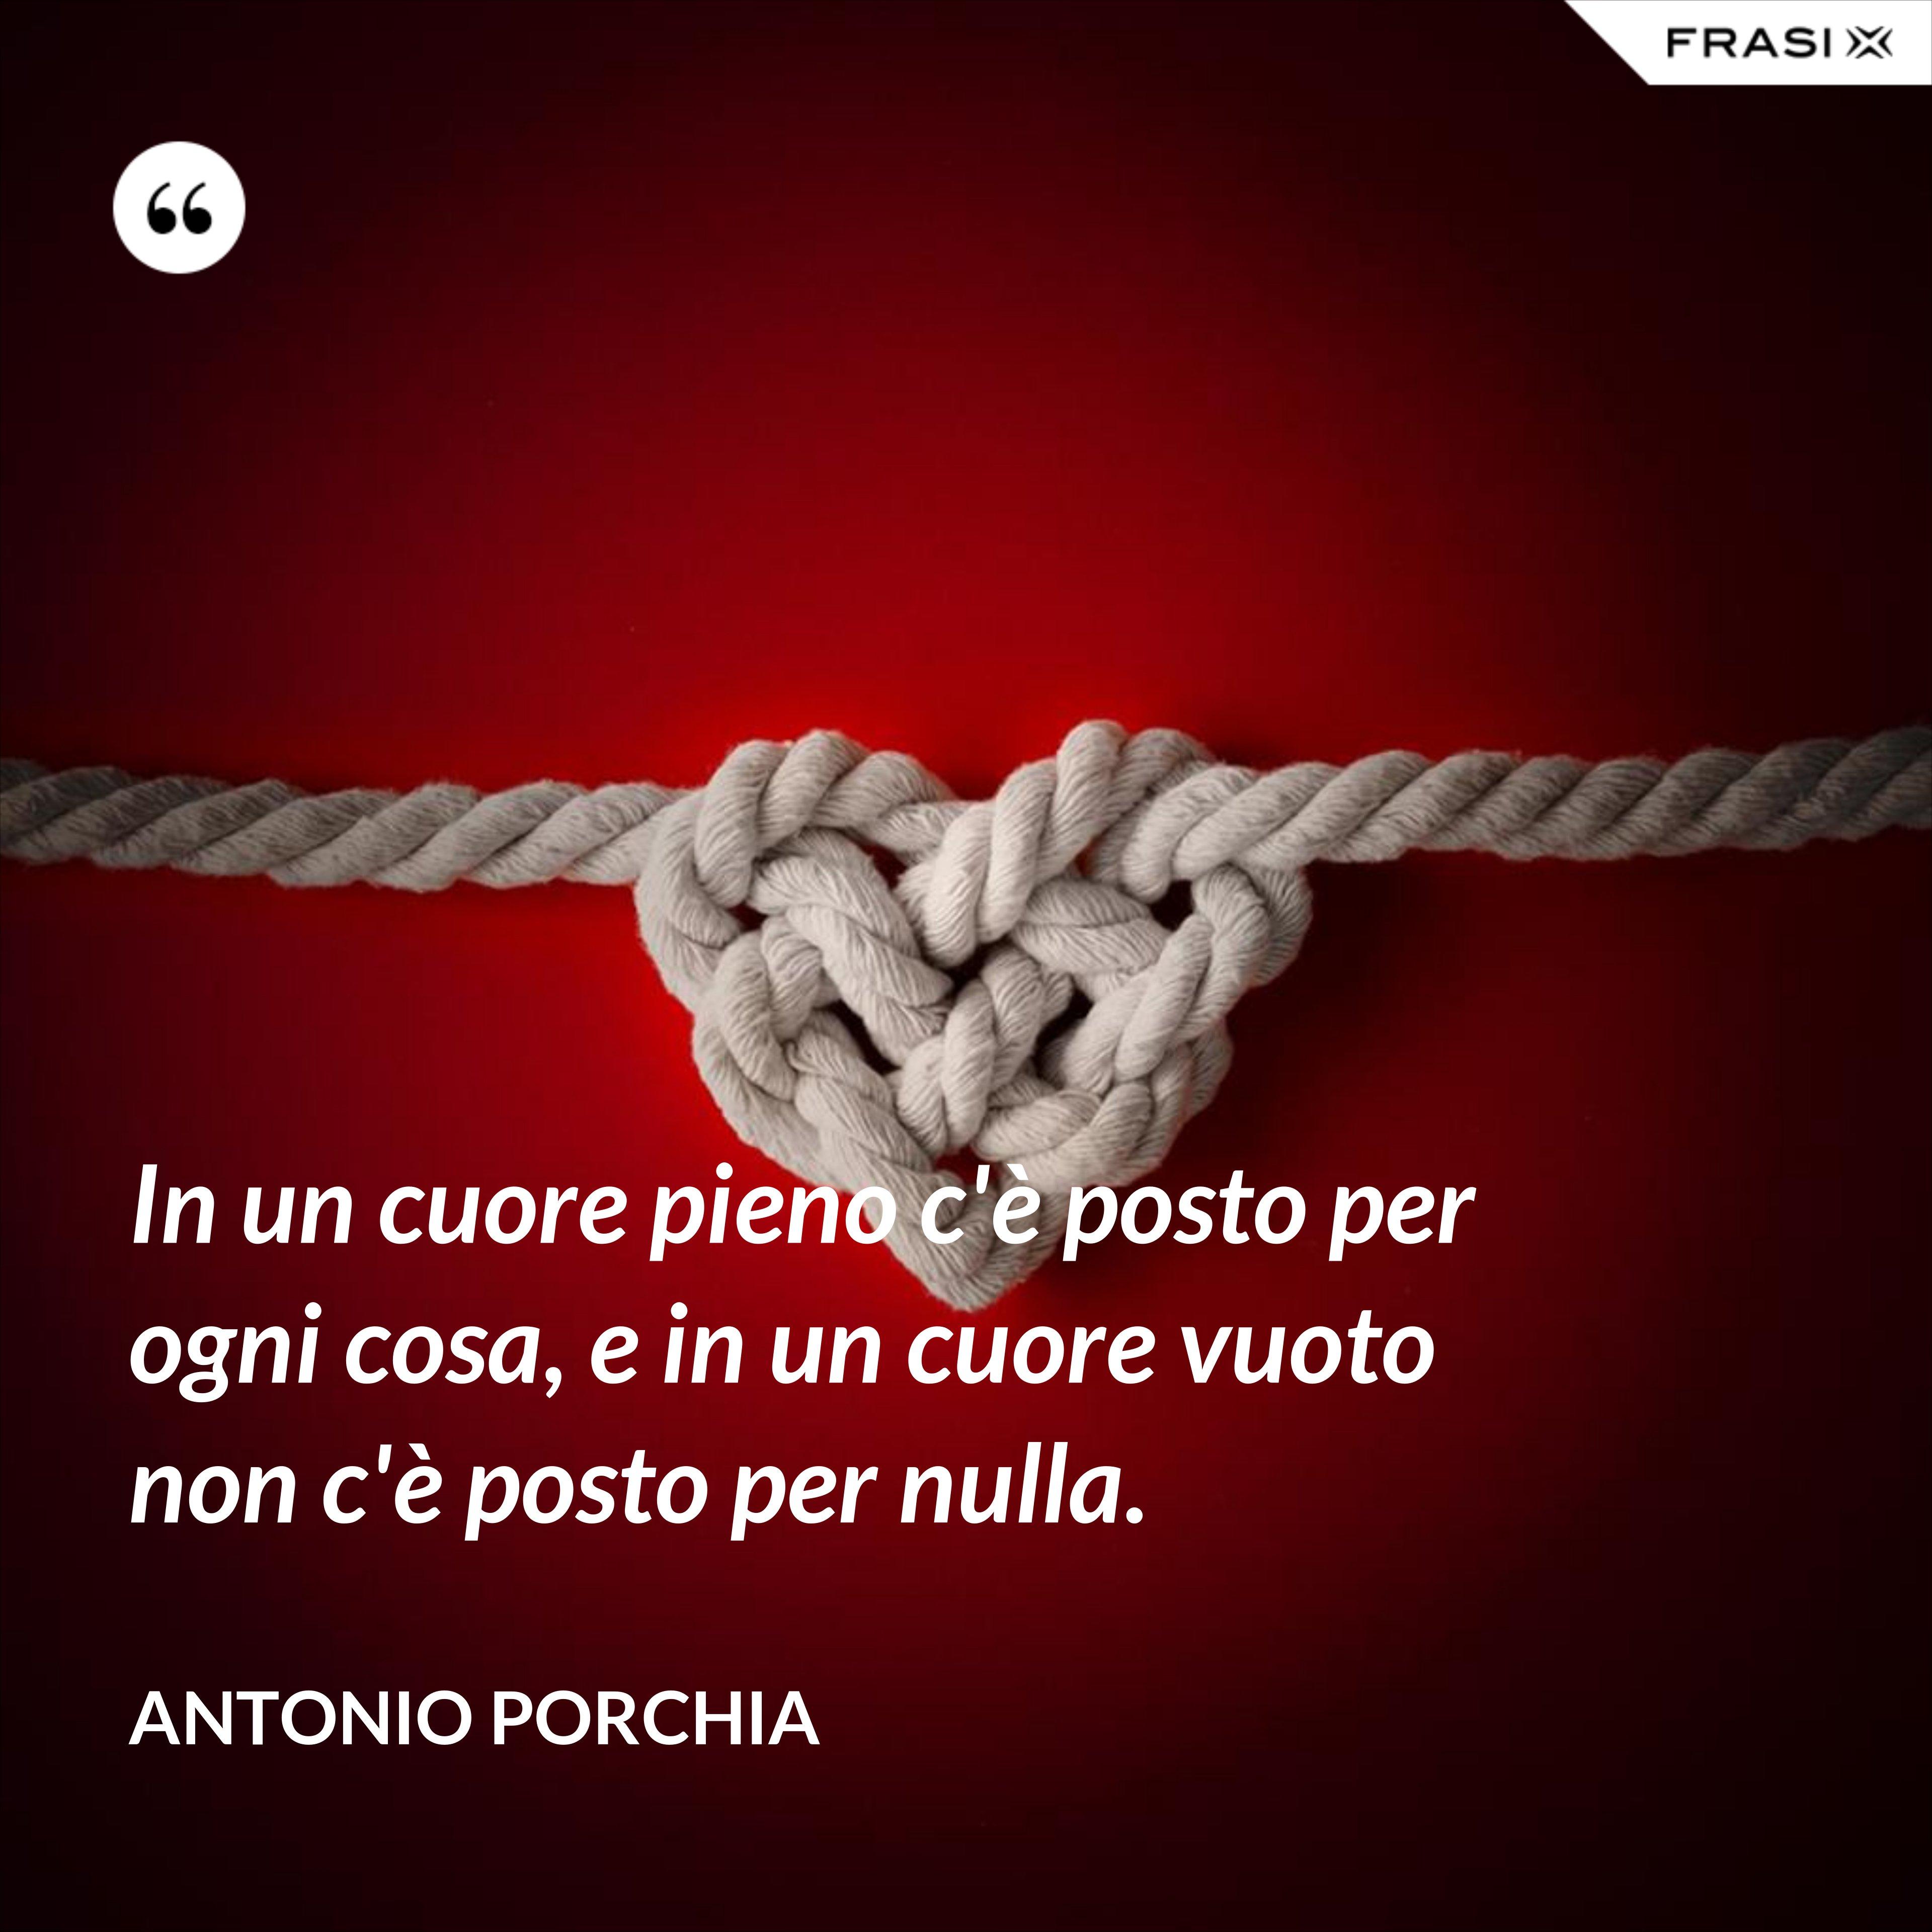 In un cuore pieno c'è posto per ogni cosa, e in un cuore vuoto non c'è posto per nulla. - Antonio Porchia